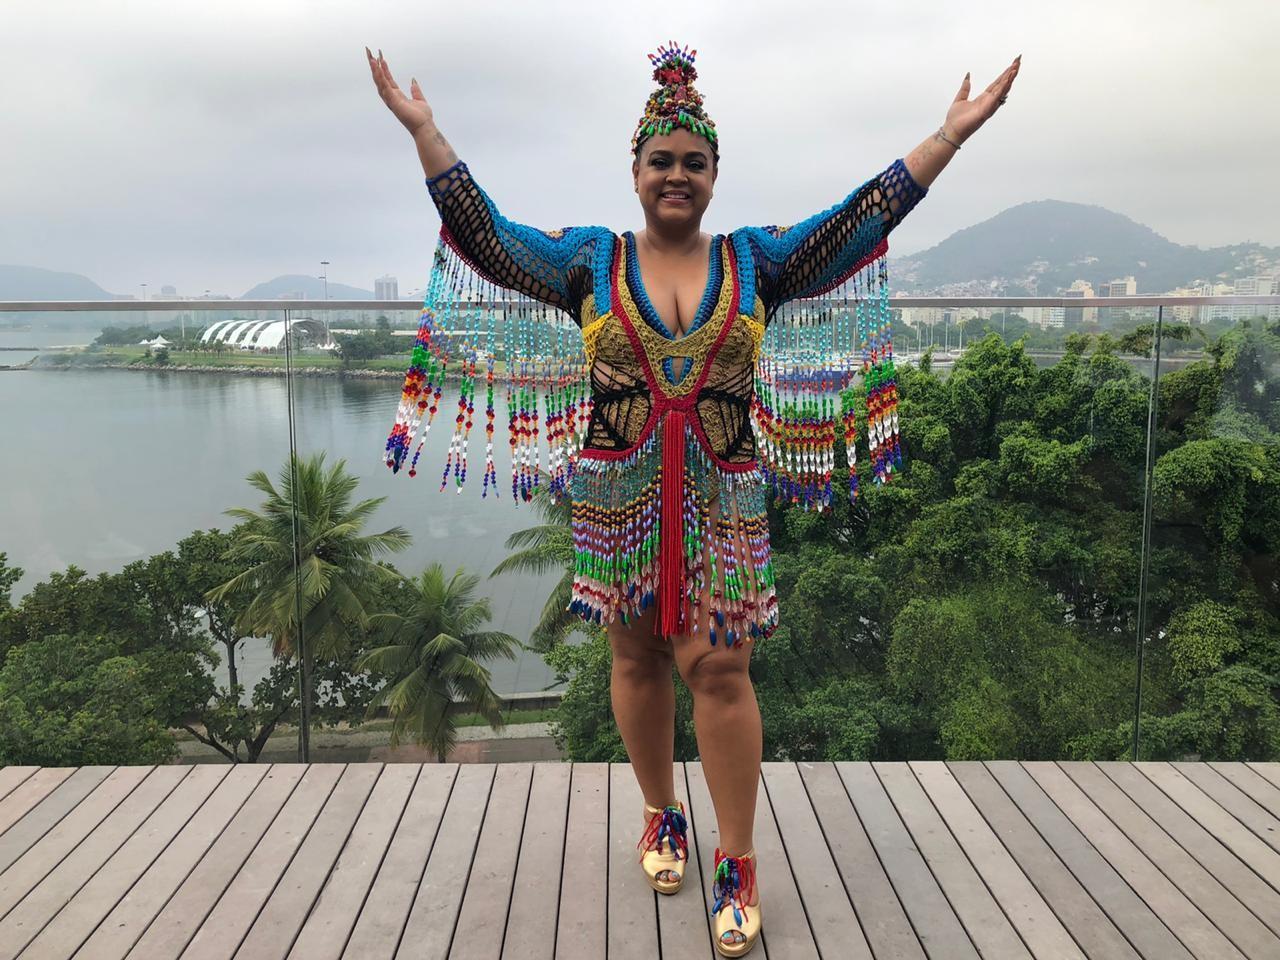 Exaltasamba, Preta Gil e mais de 20 blocos agitam carnaval em Caraguatatuba